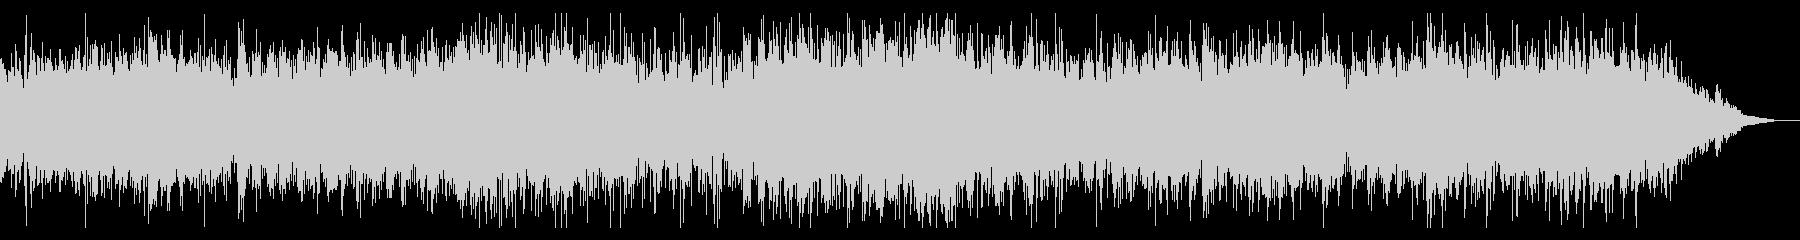 シネマティックなアンビエントIDMの未再生の波形